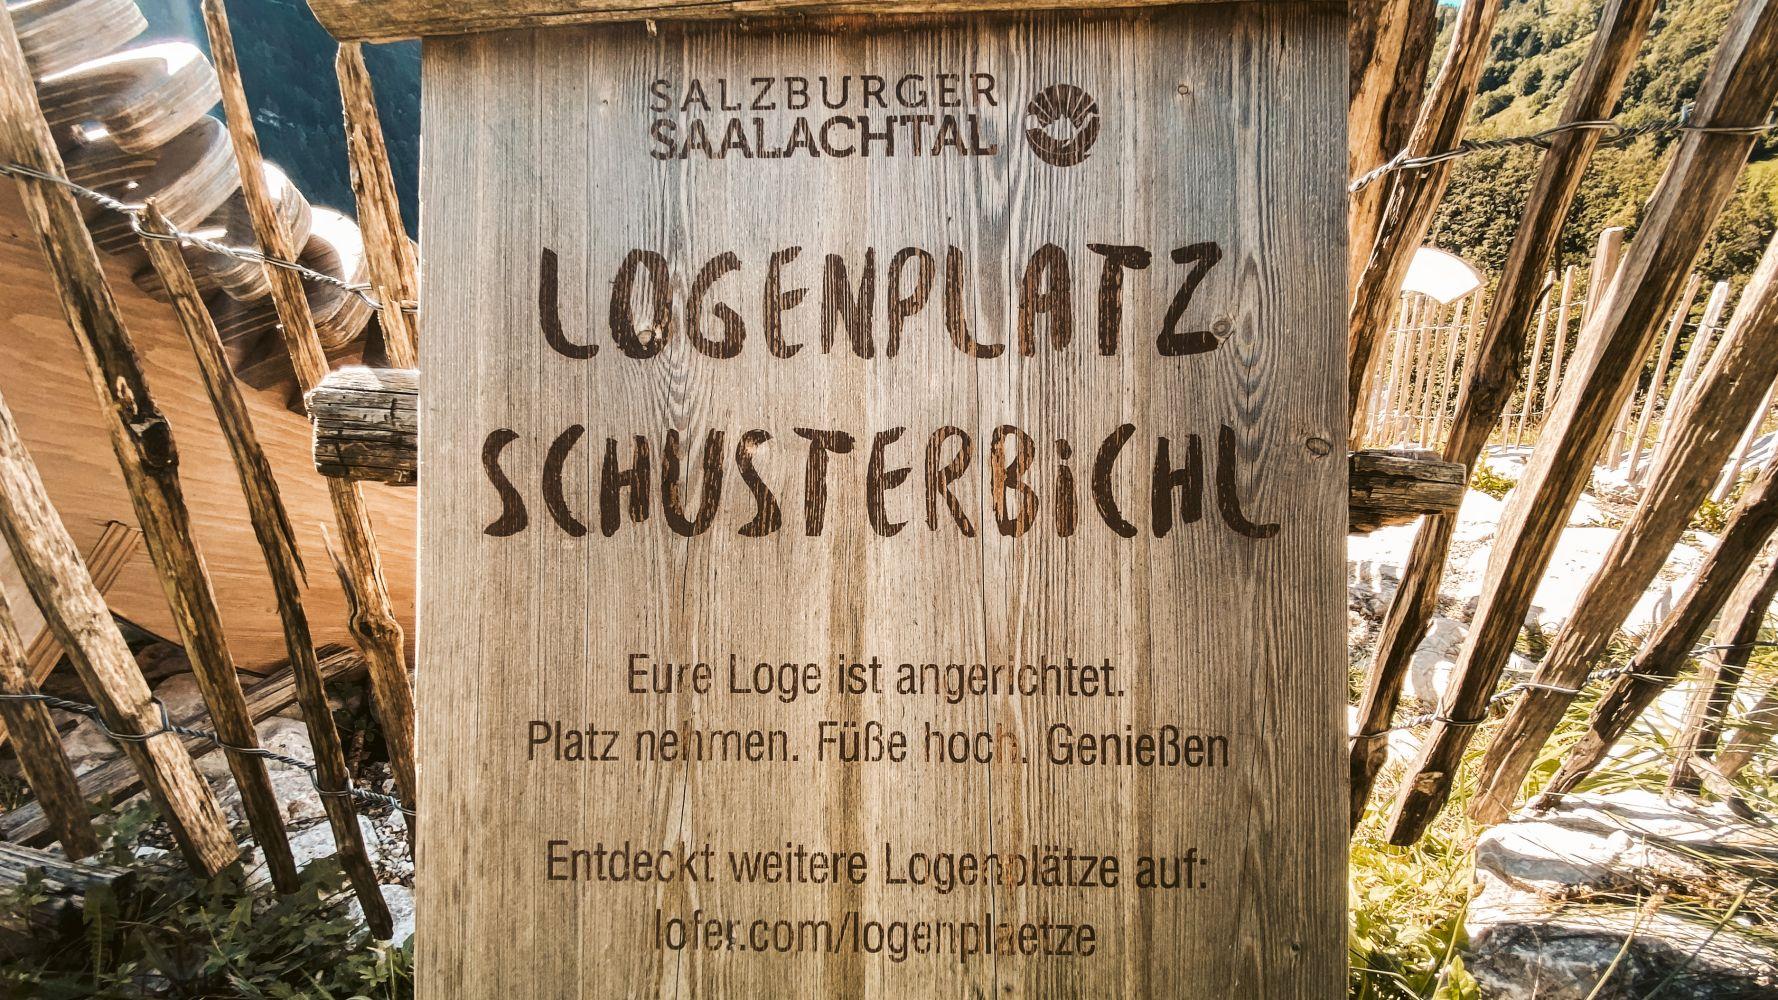 Logenplatz Schusterbichl